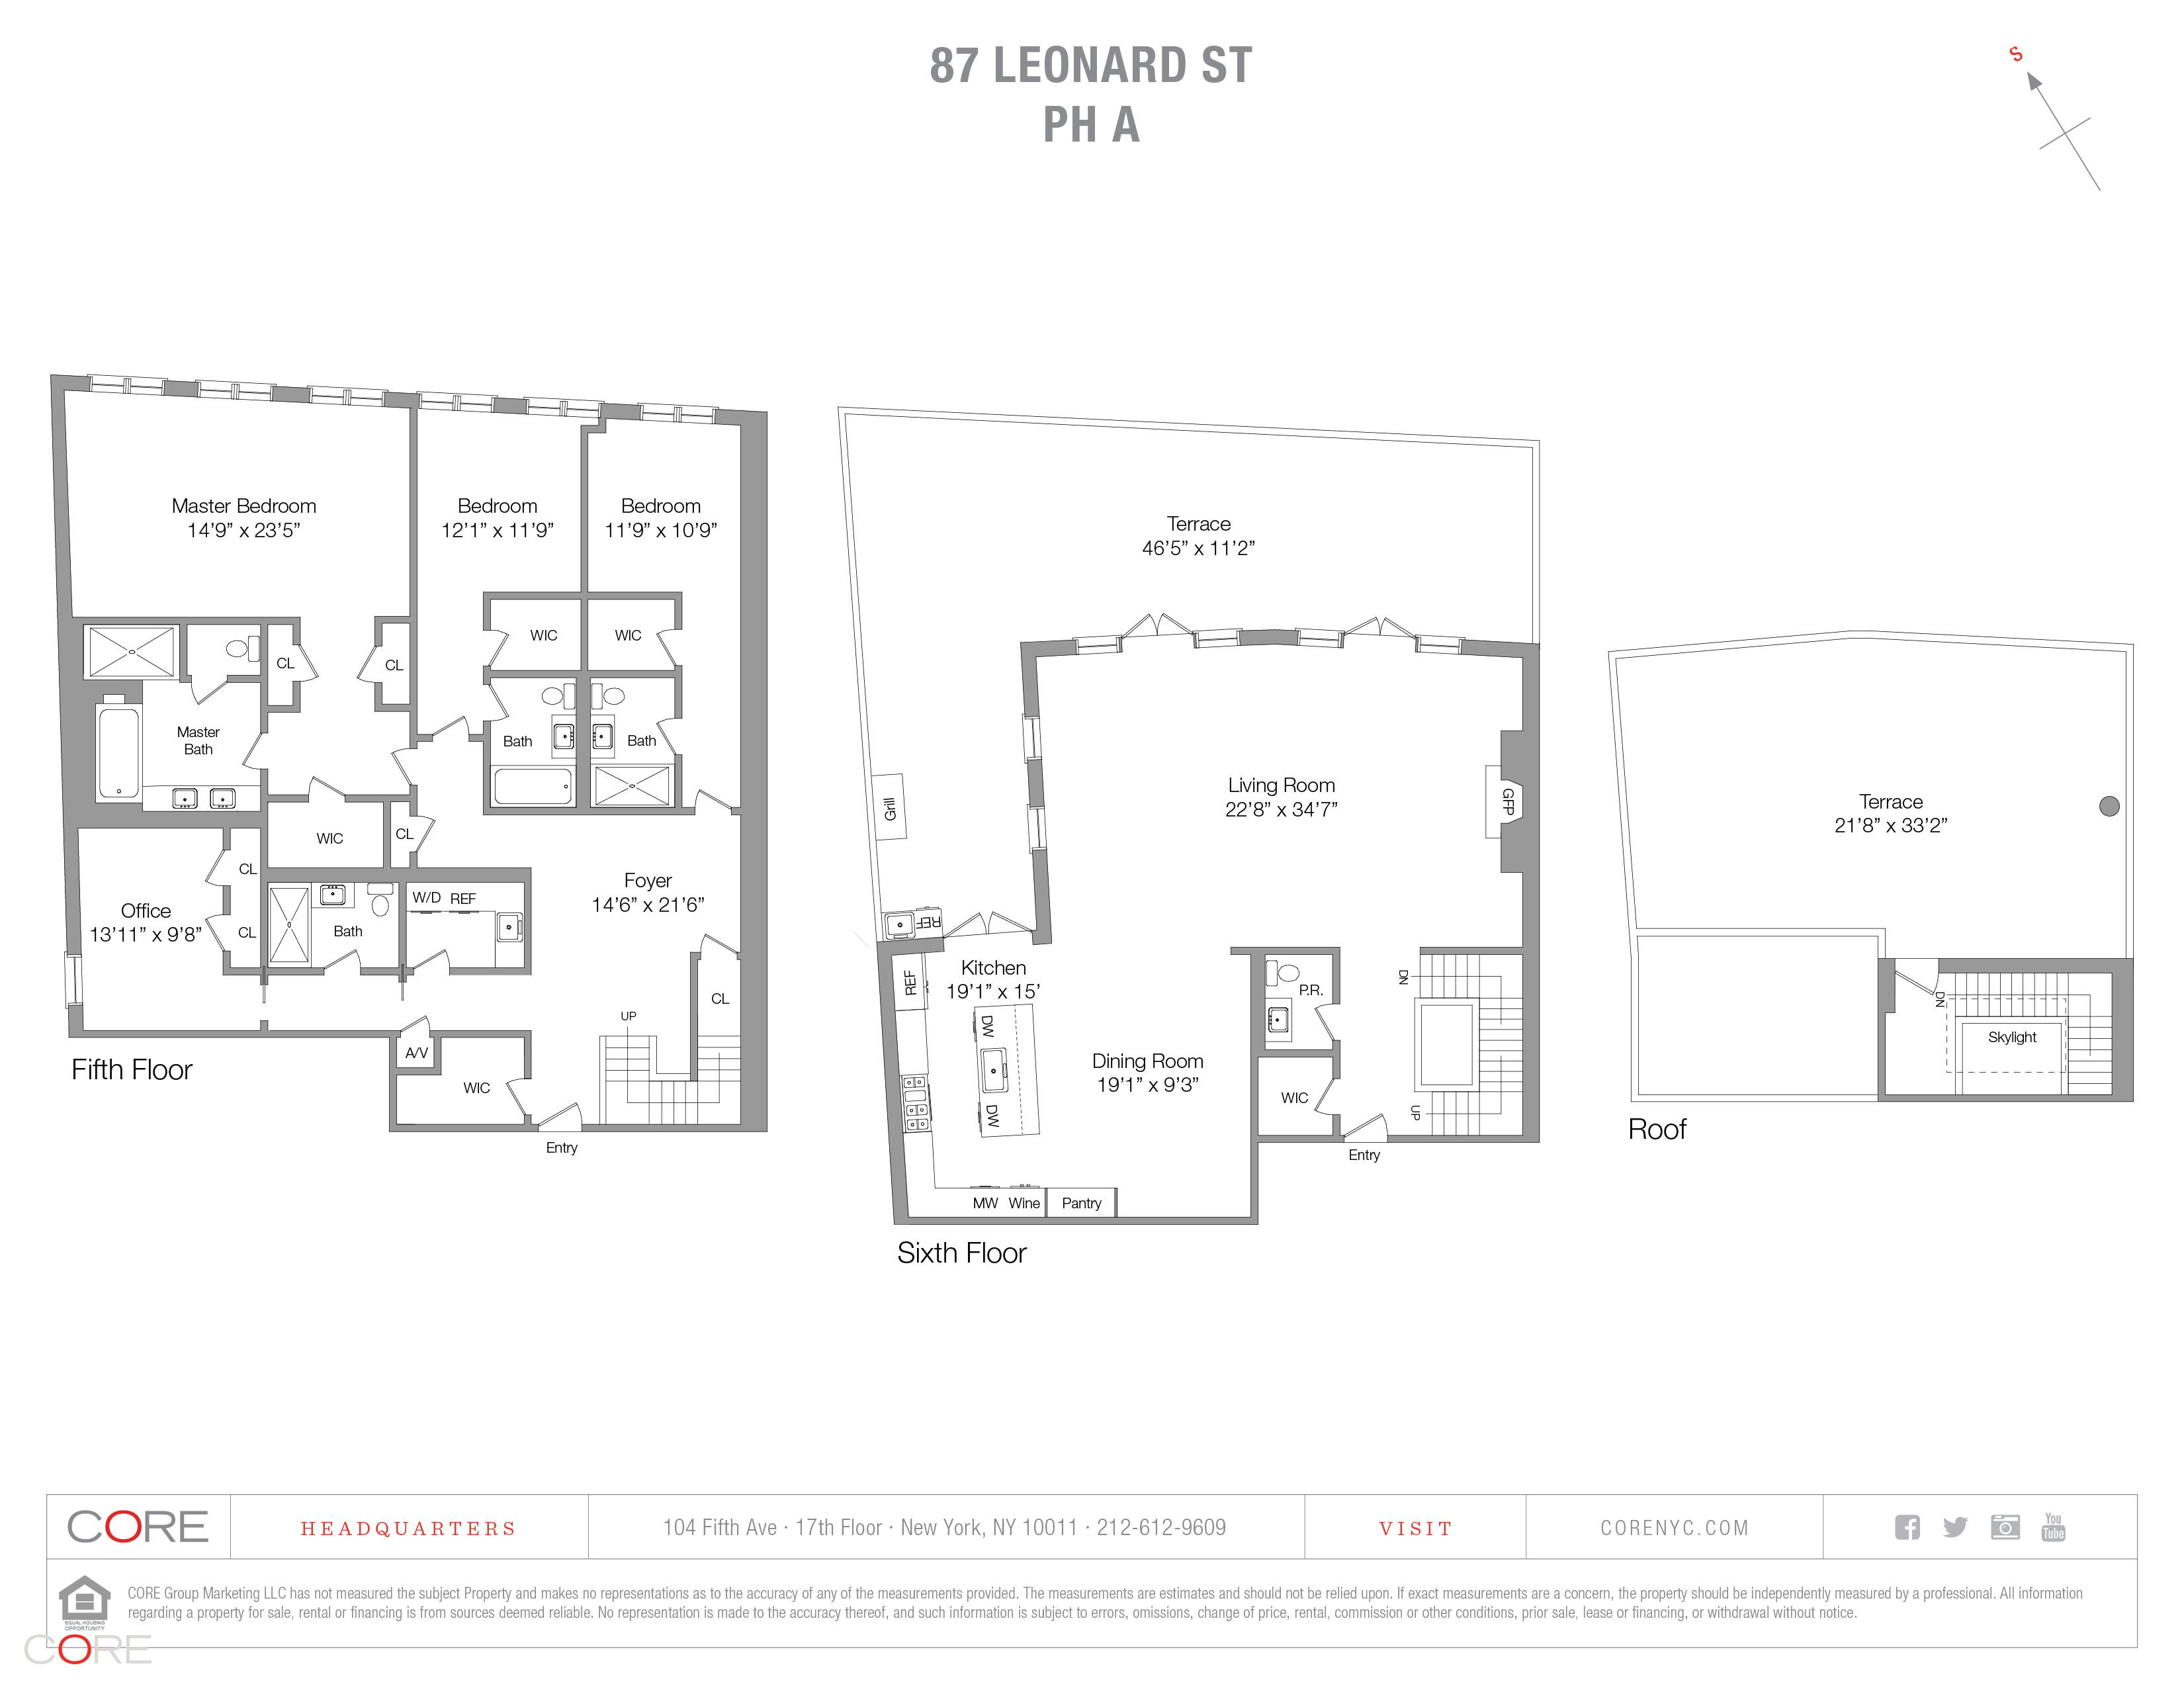 87 leonard street pha fp